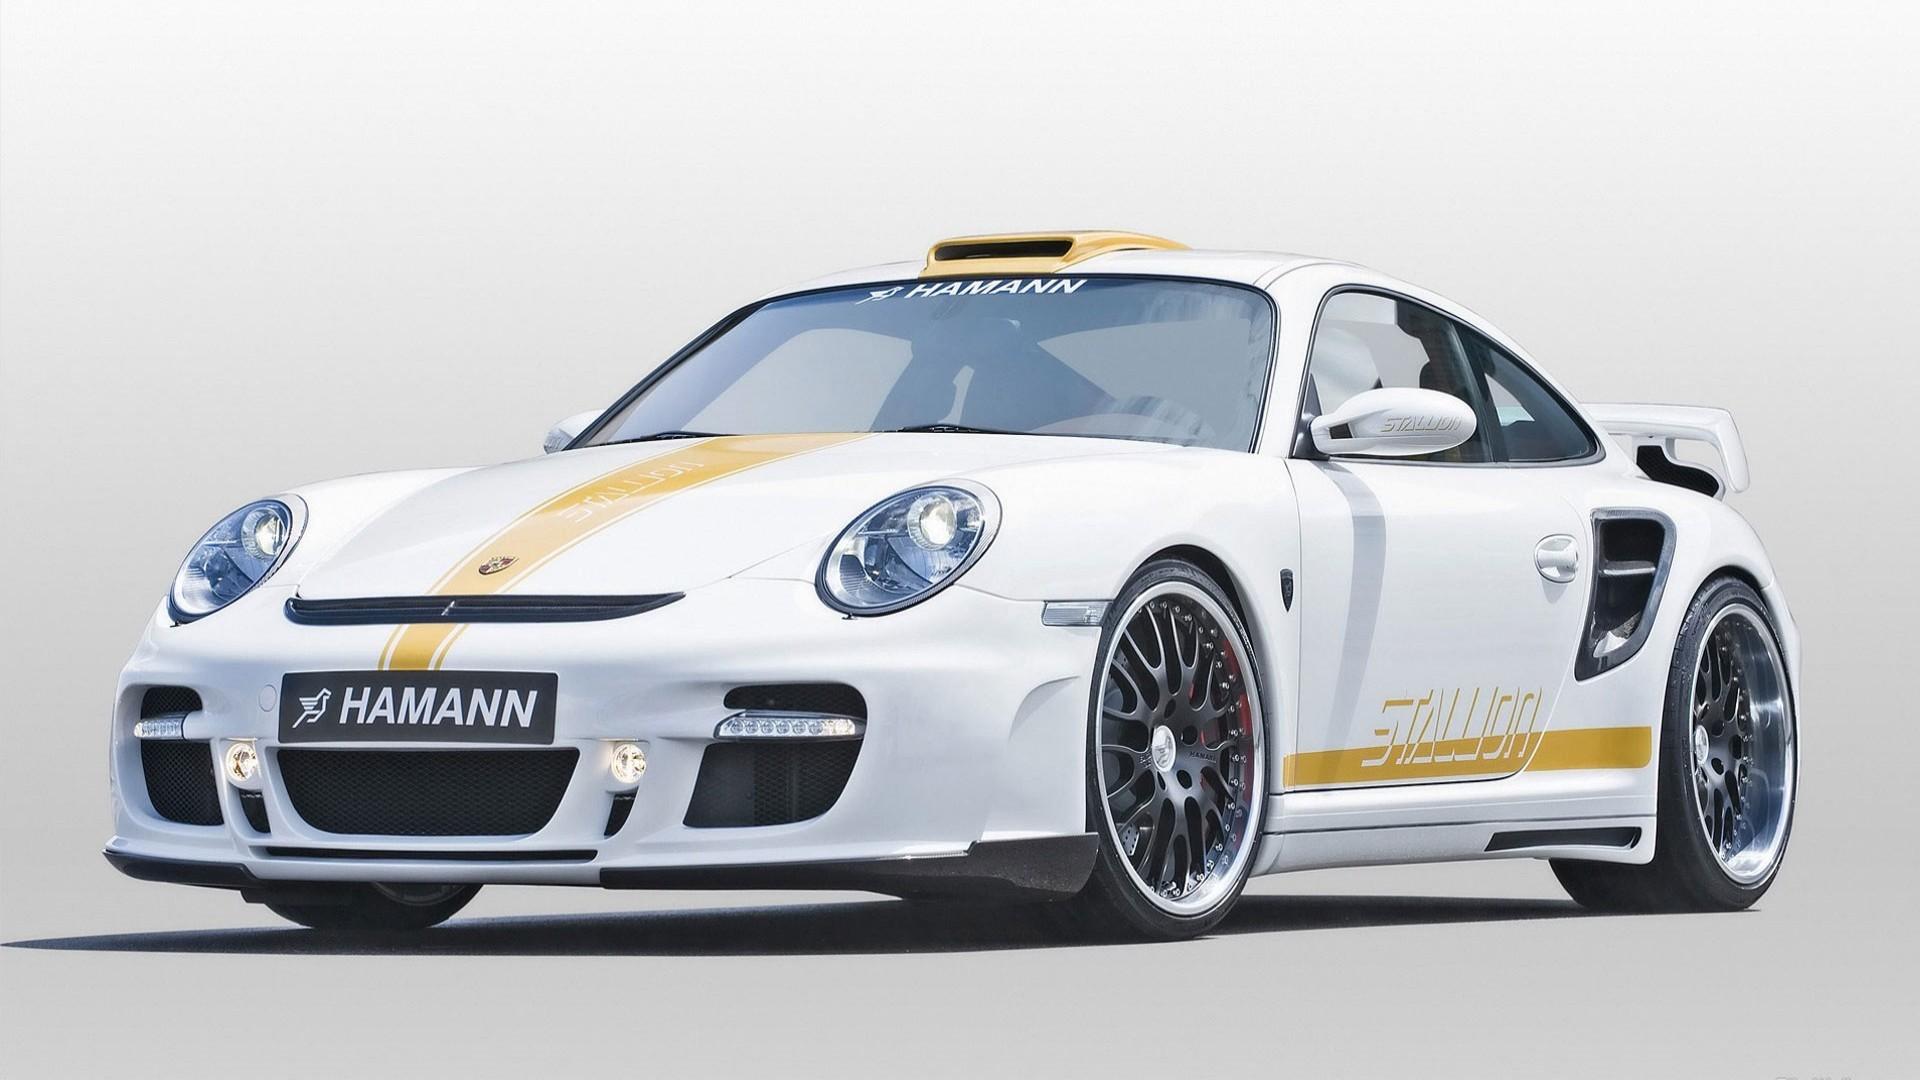 Hamman Porsche Car Wallpaper